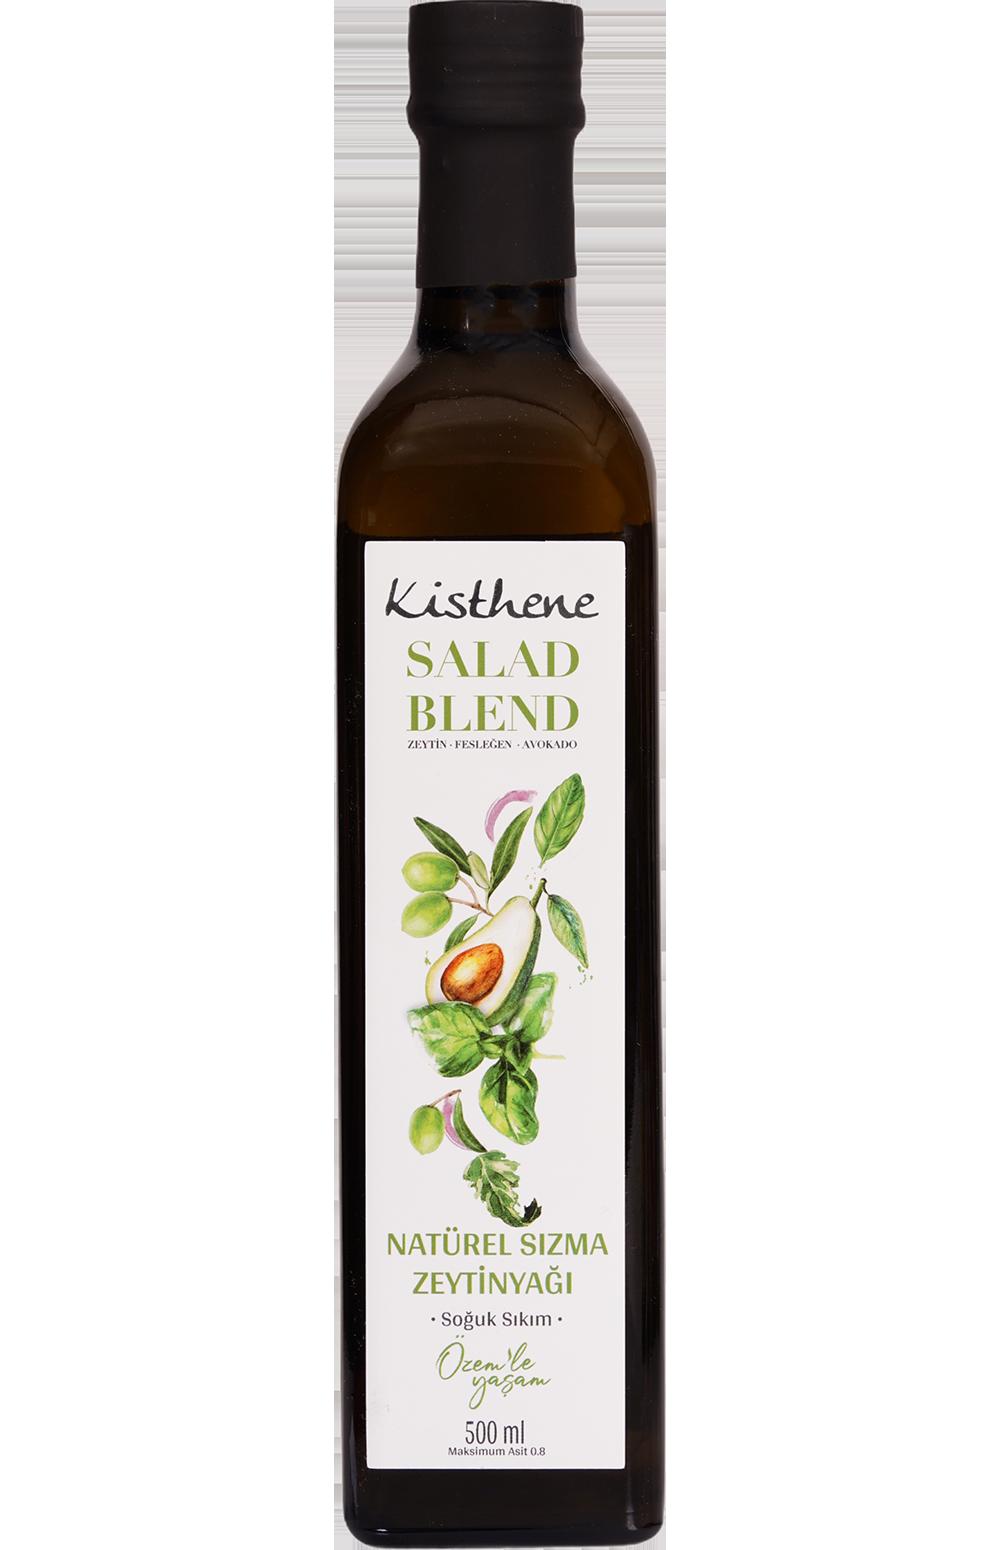 Kithene Salad Blend